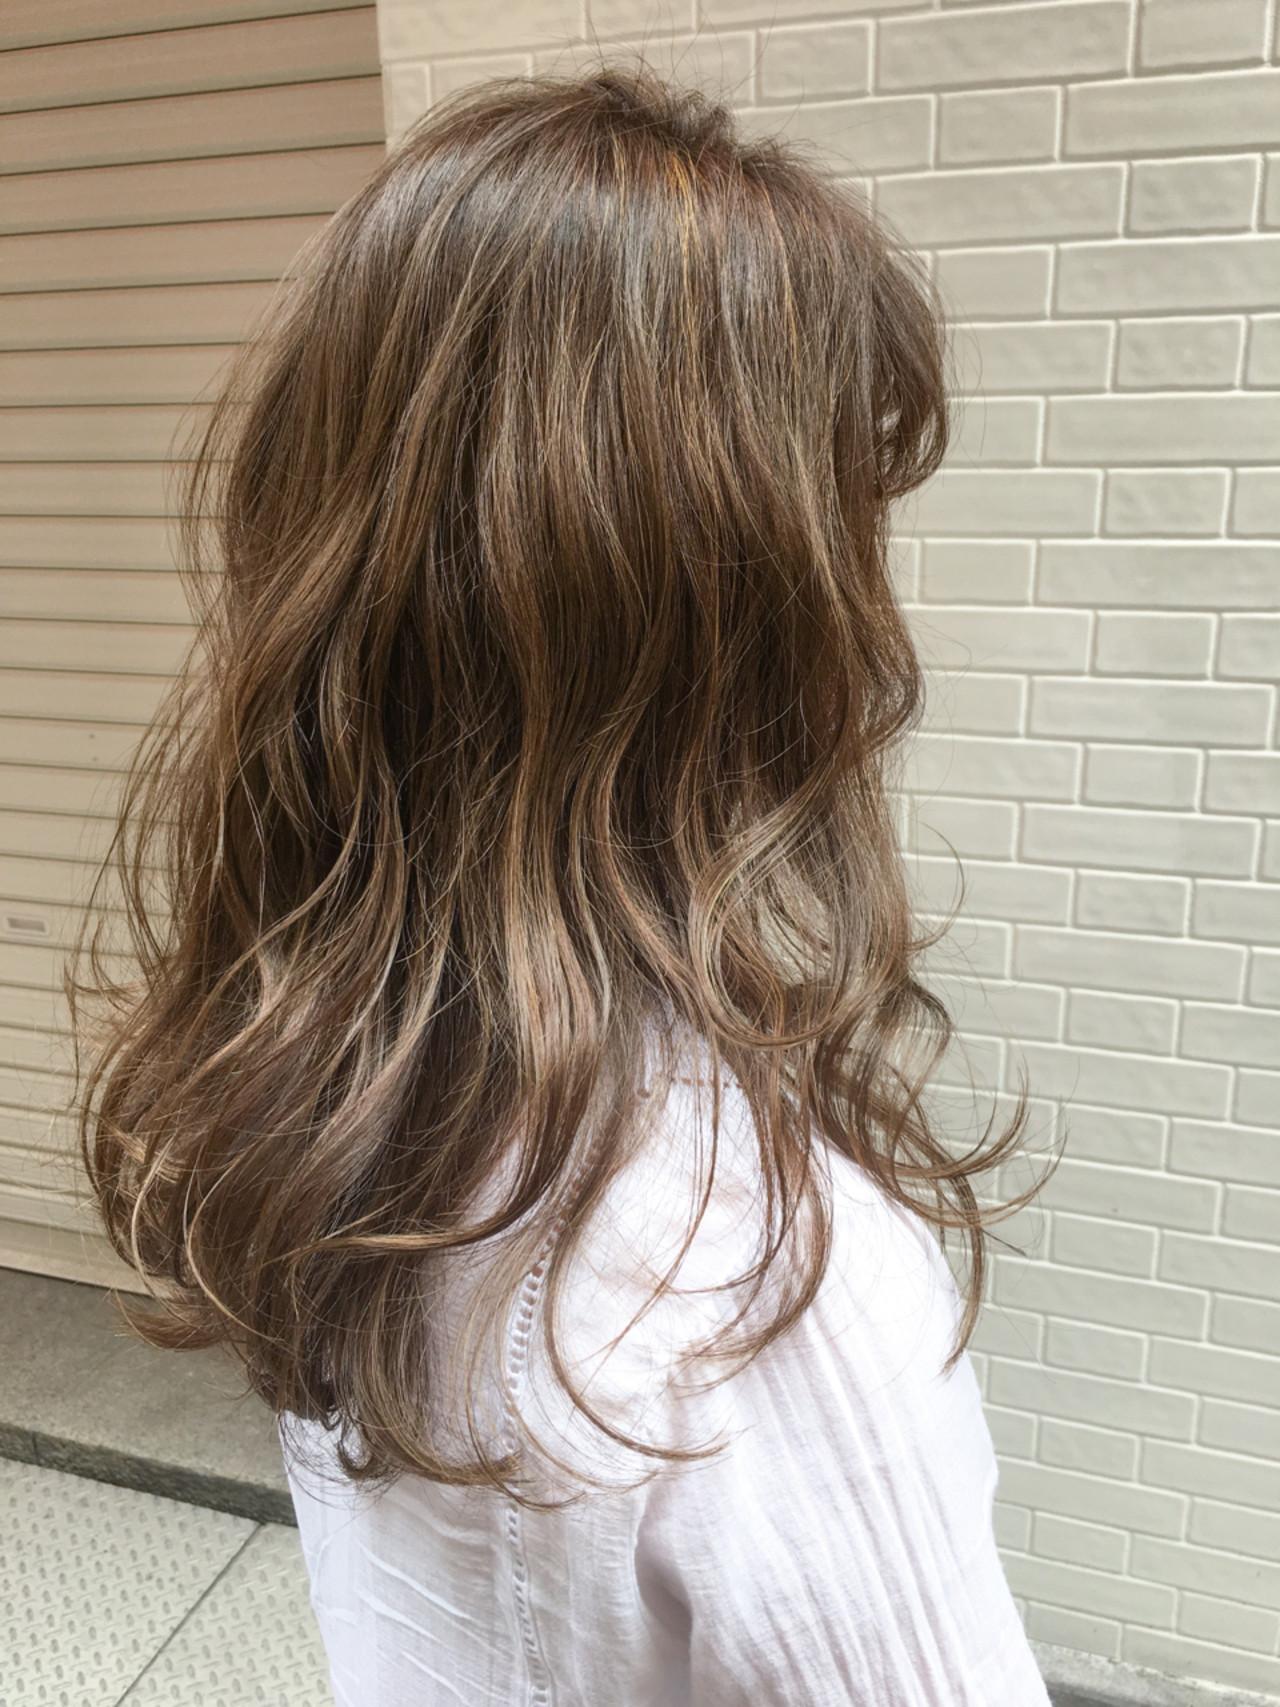 カーキアッシュ ウェーブ グレージュ ロング ヘアスタイルや髪型の写真・画像